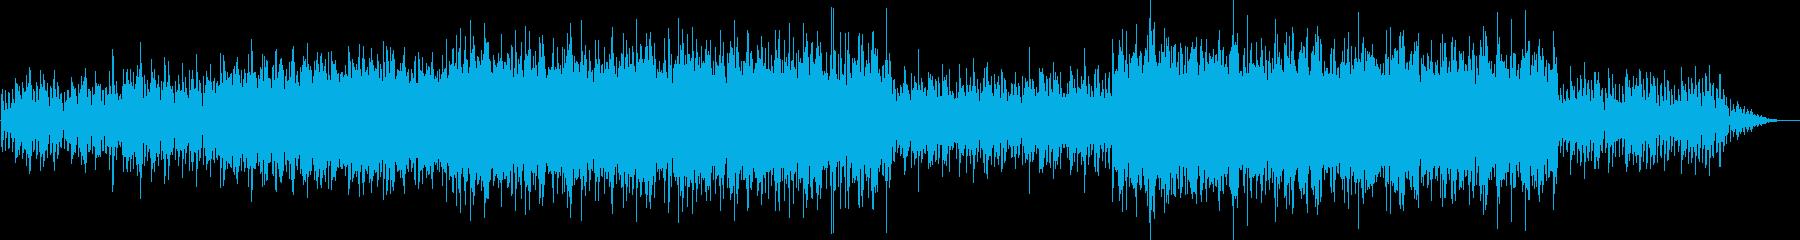 ポップでアップテンポなミュージックの再生済みの波形